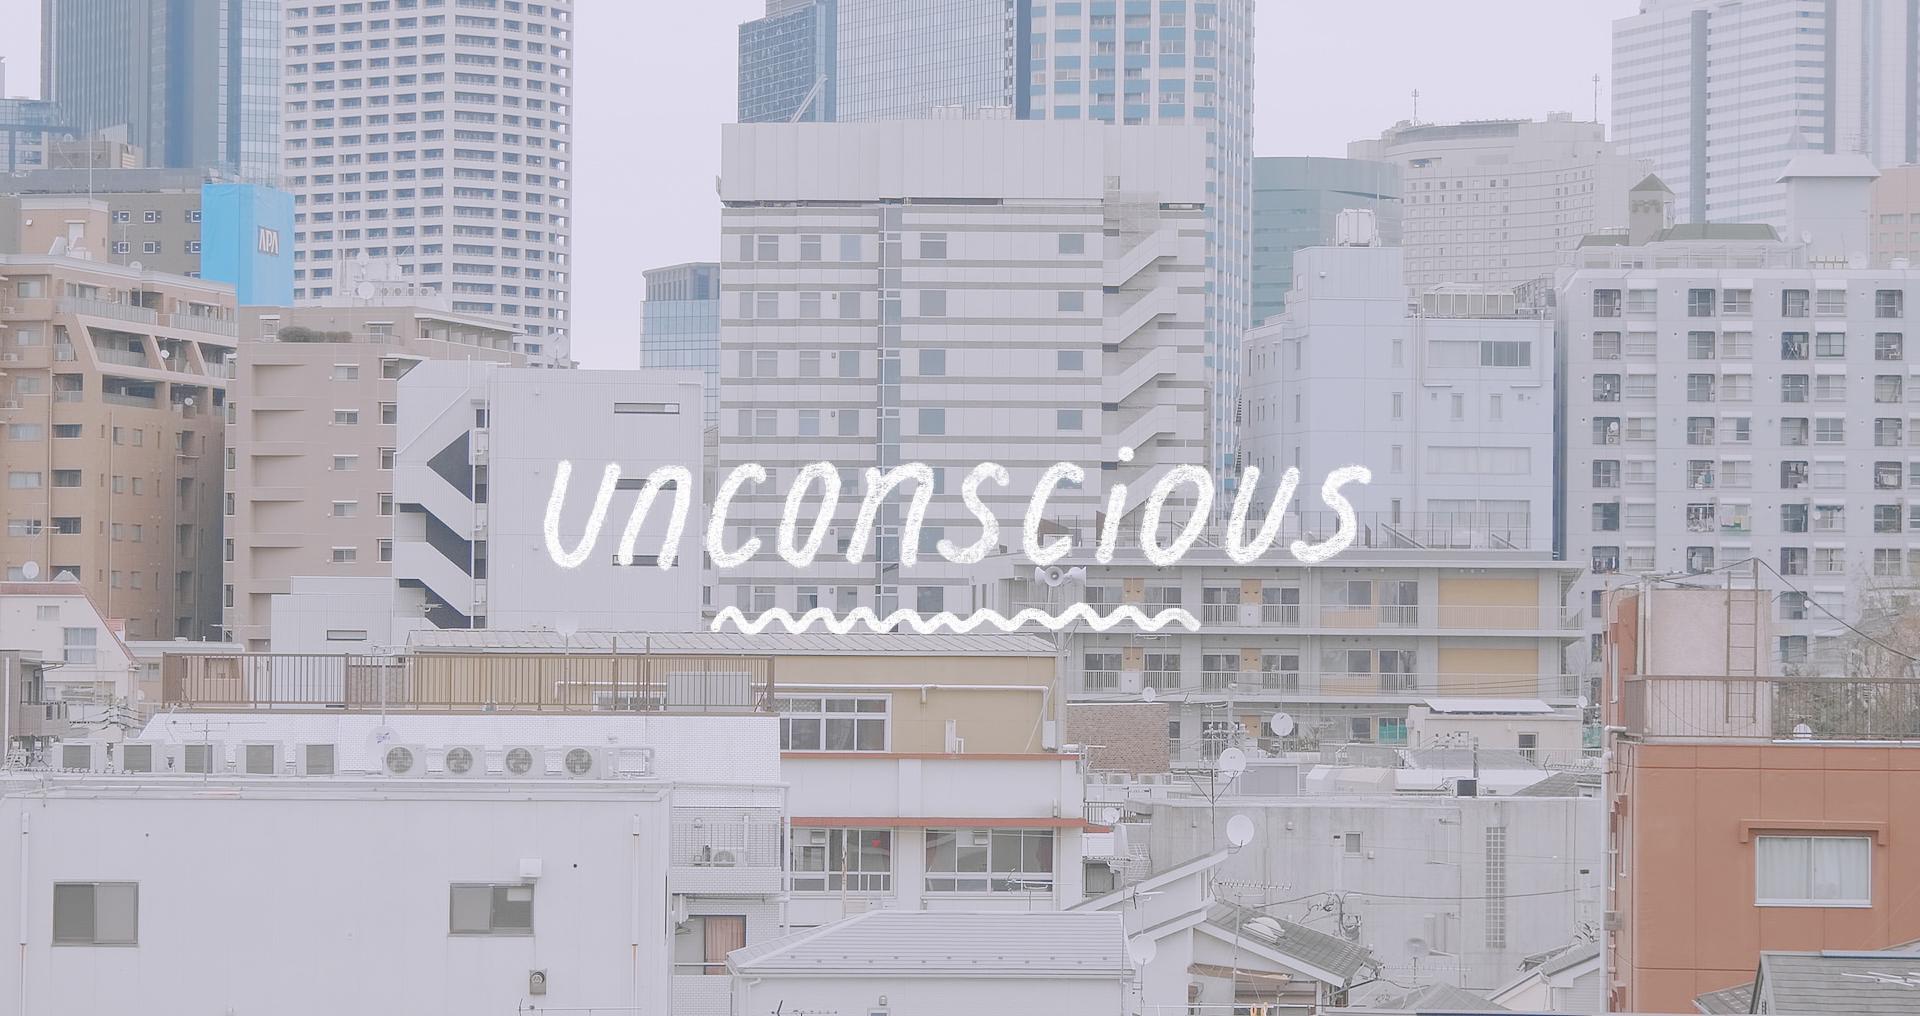 dsps - unconscious